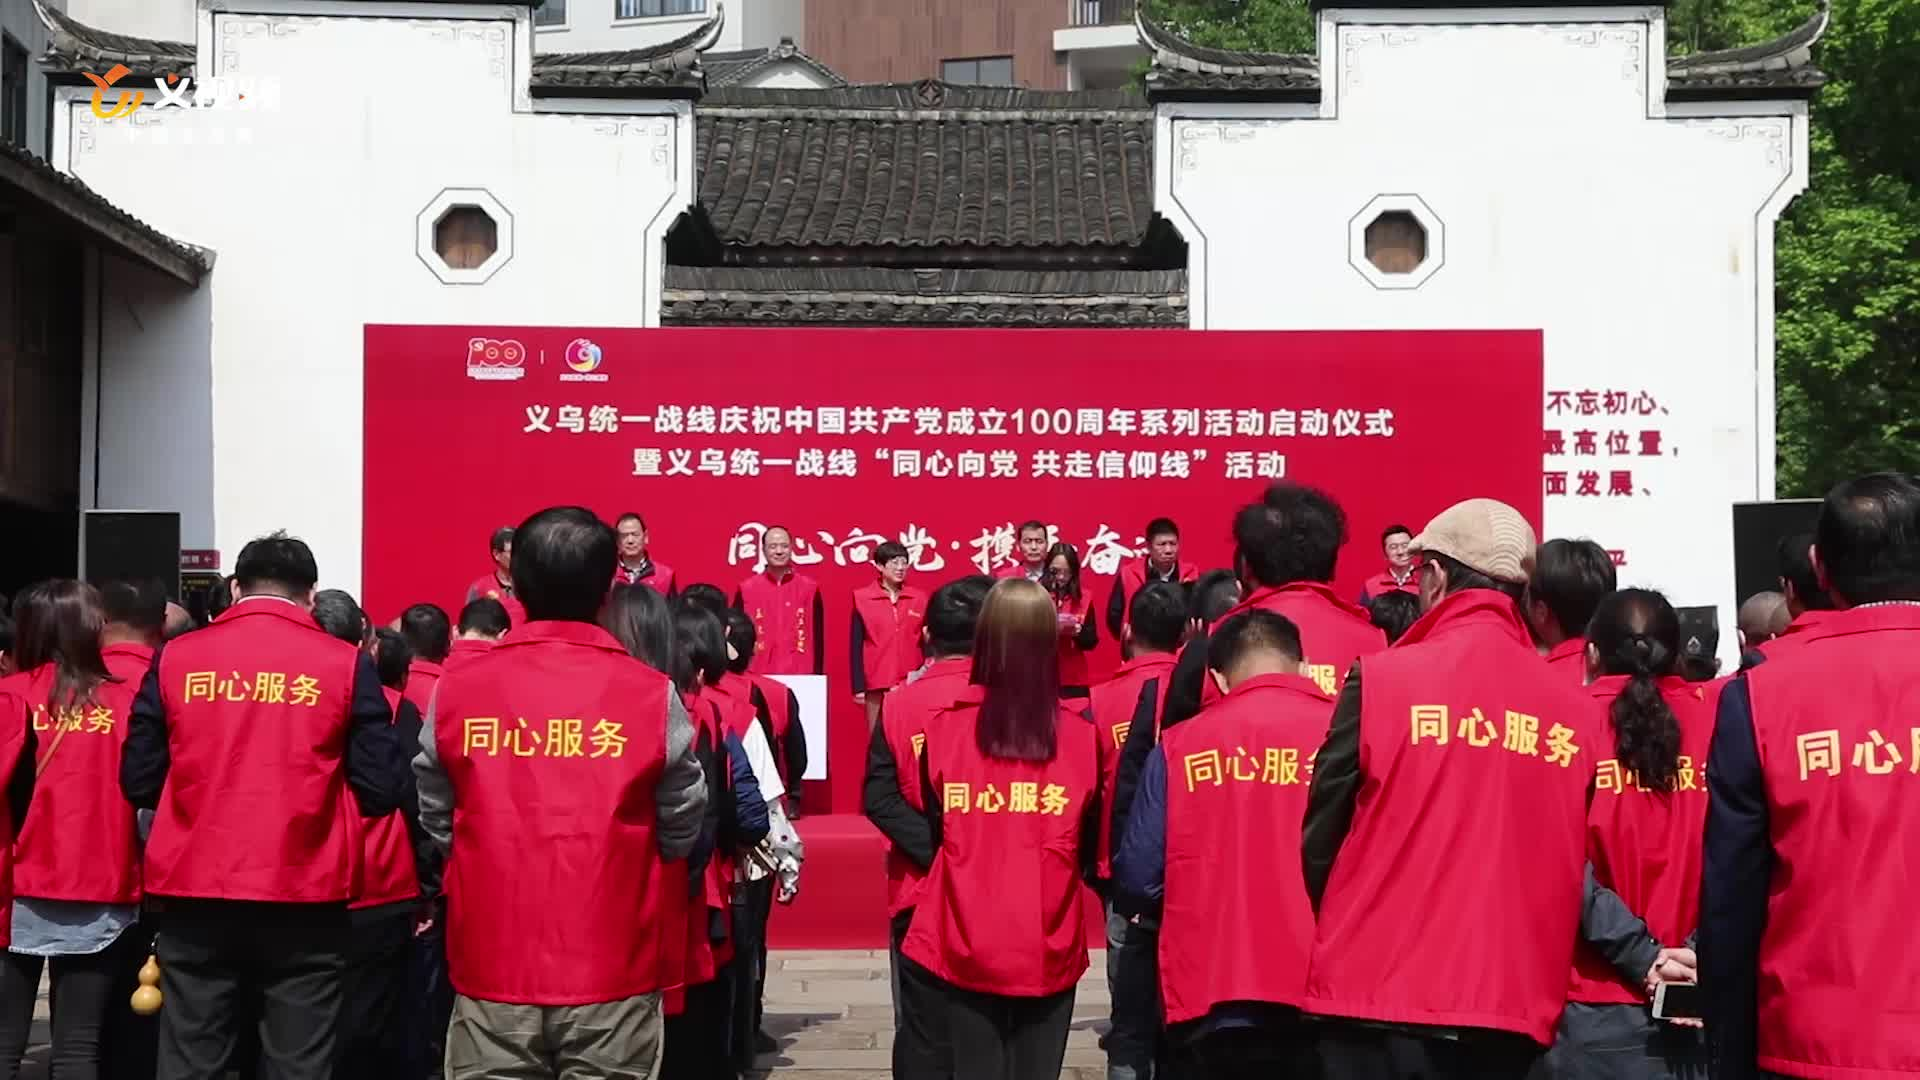 同心向党 携手奋进!义乌统一战线庆祝中国共产党成立100周年系列活动启动